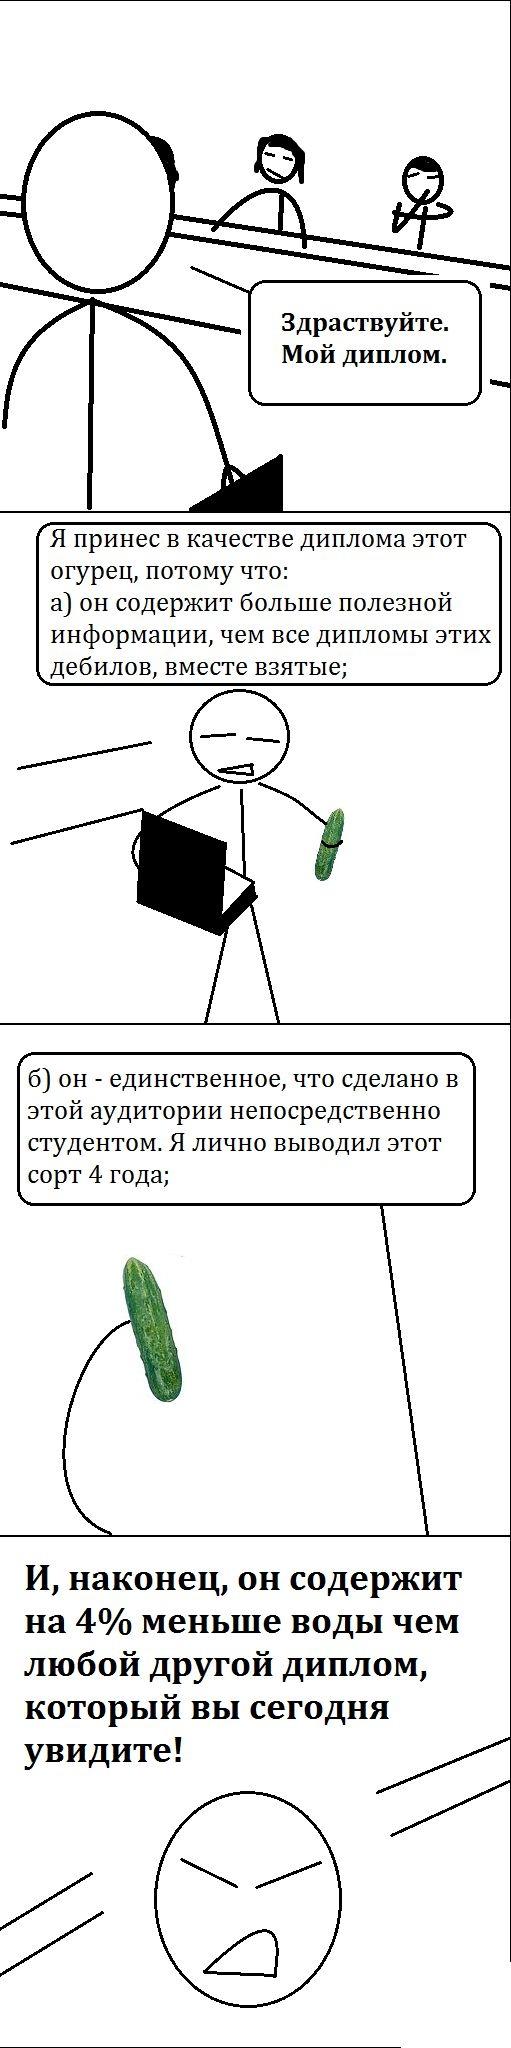 Комиксы и рожи - 6